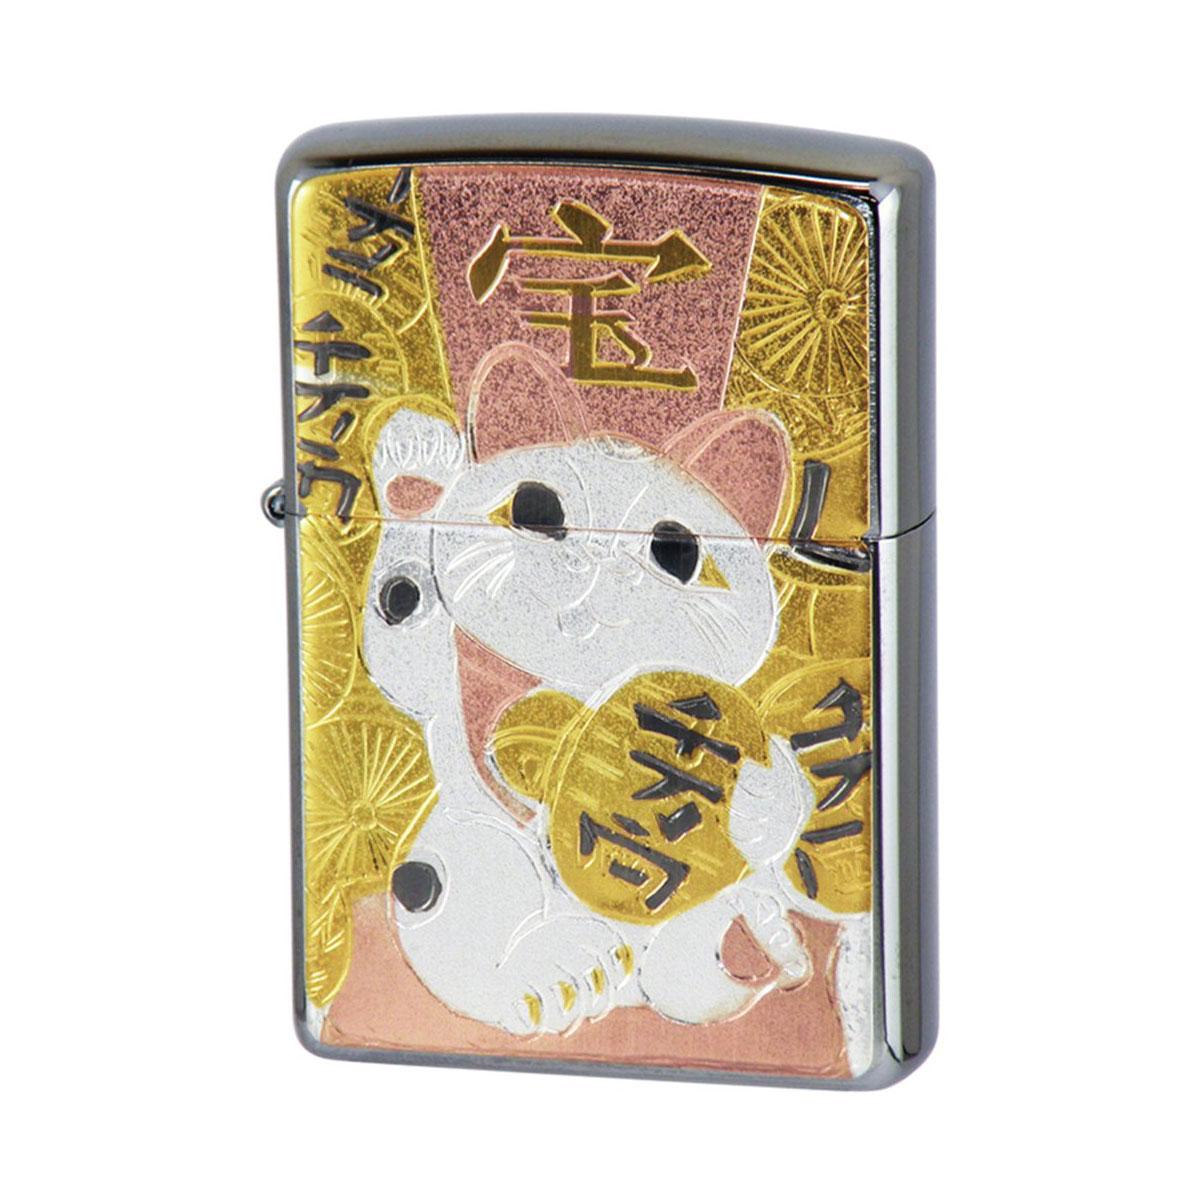 画像1: Zippoジッポーライター:ZP 電鋳板 招き猫 (1)